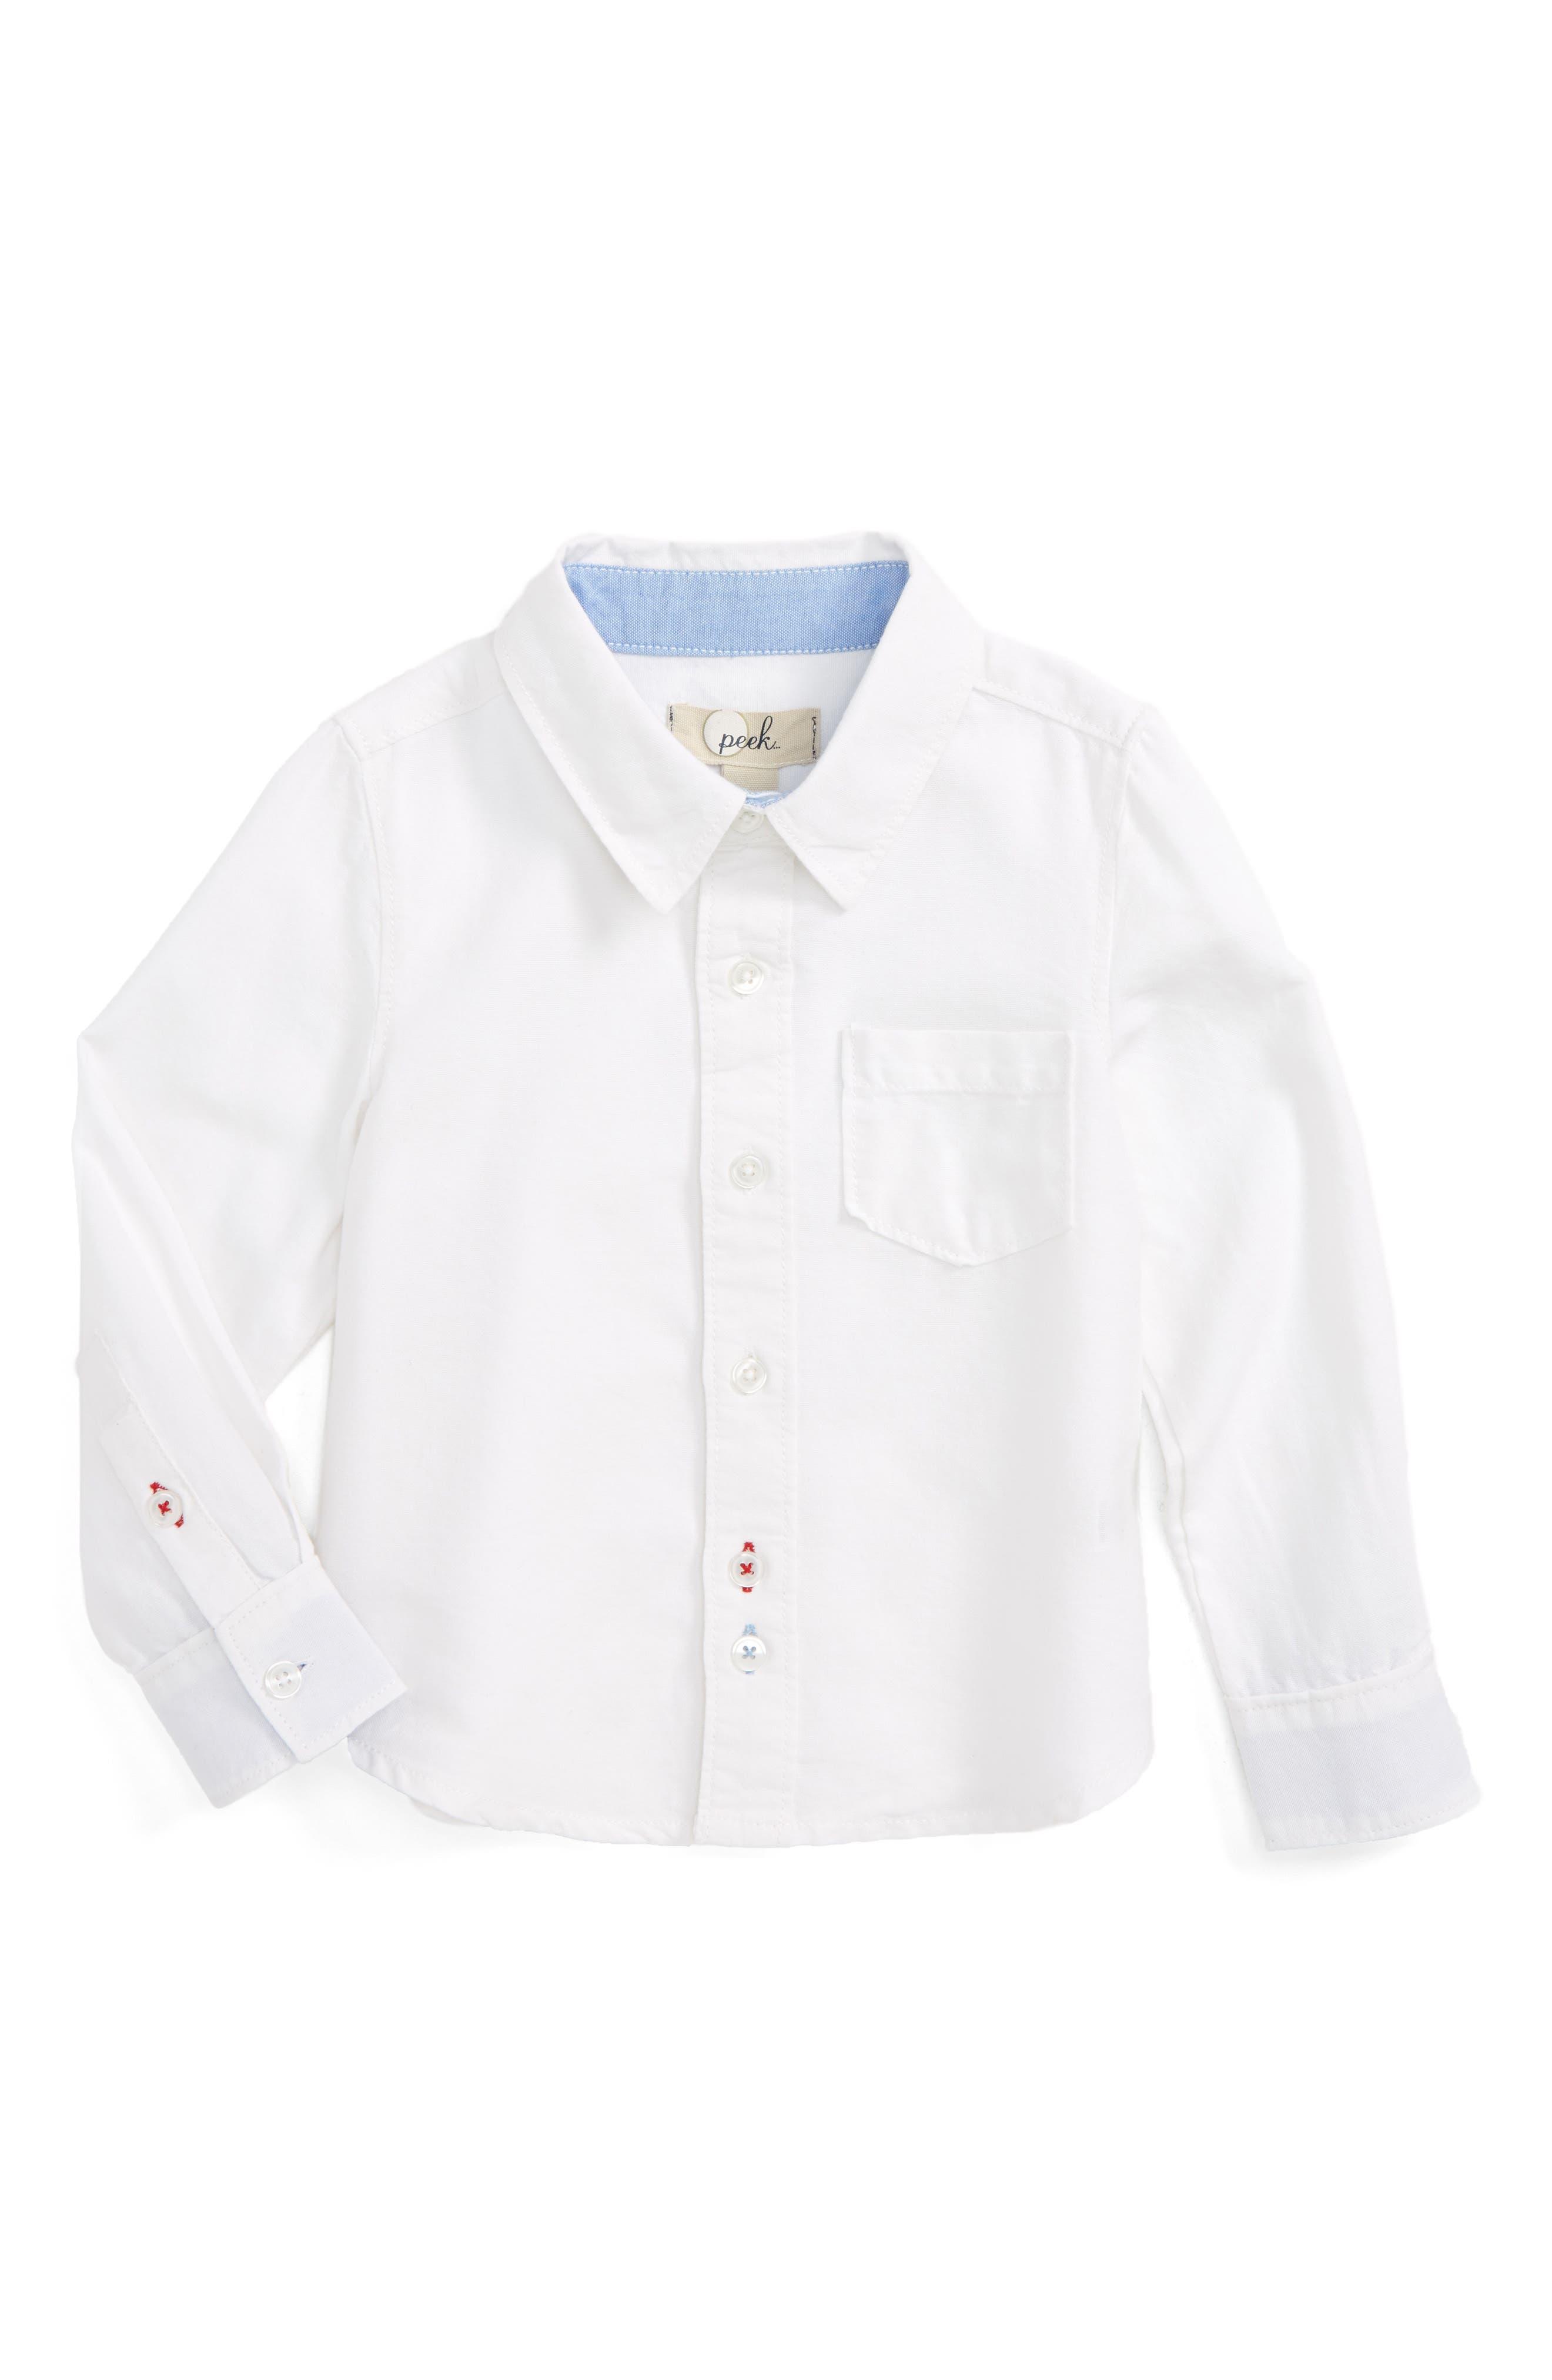 Thomas Oxford Shirt,                         Main,                         color,